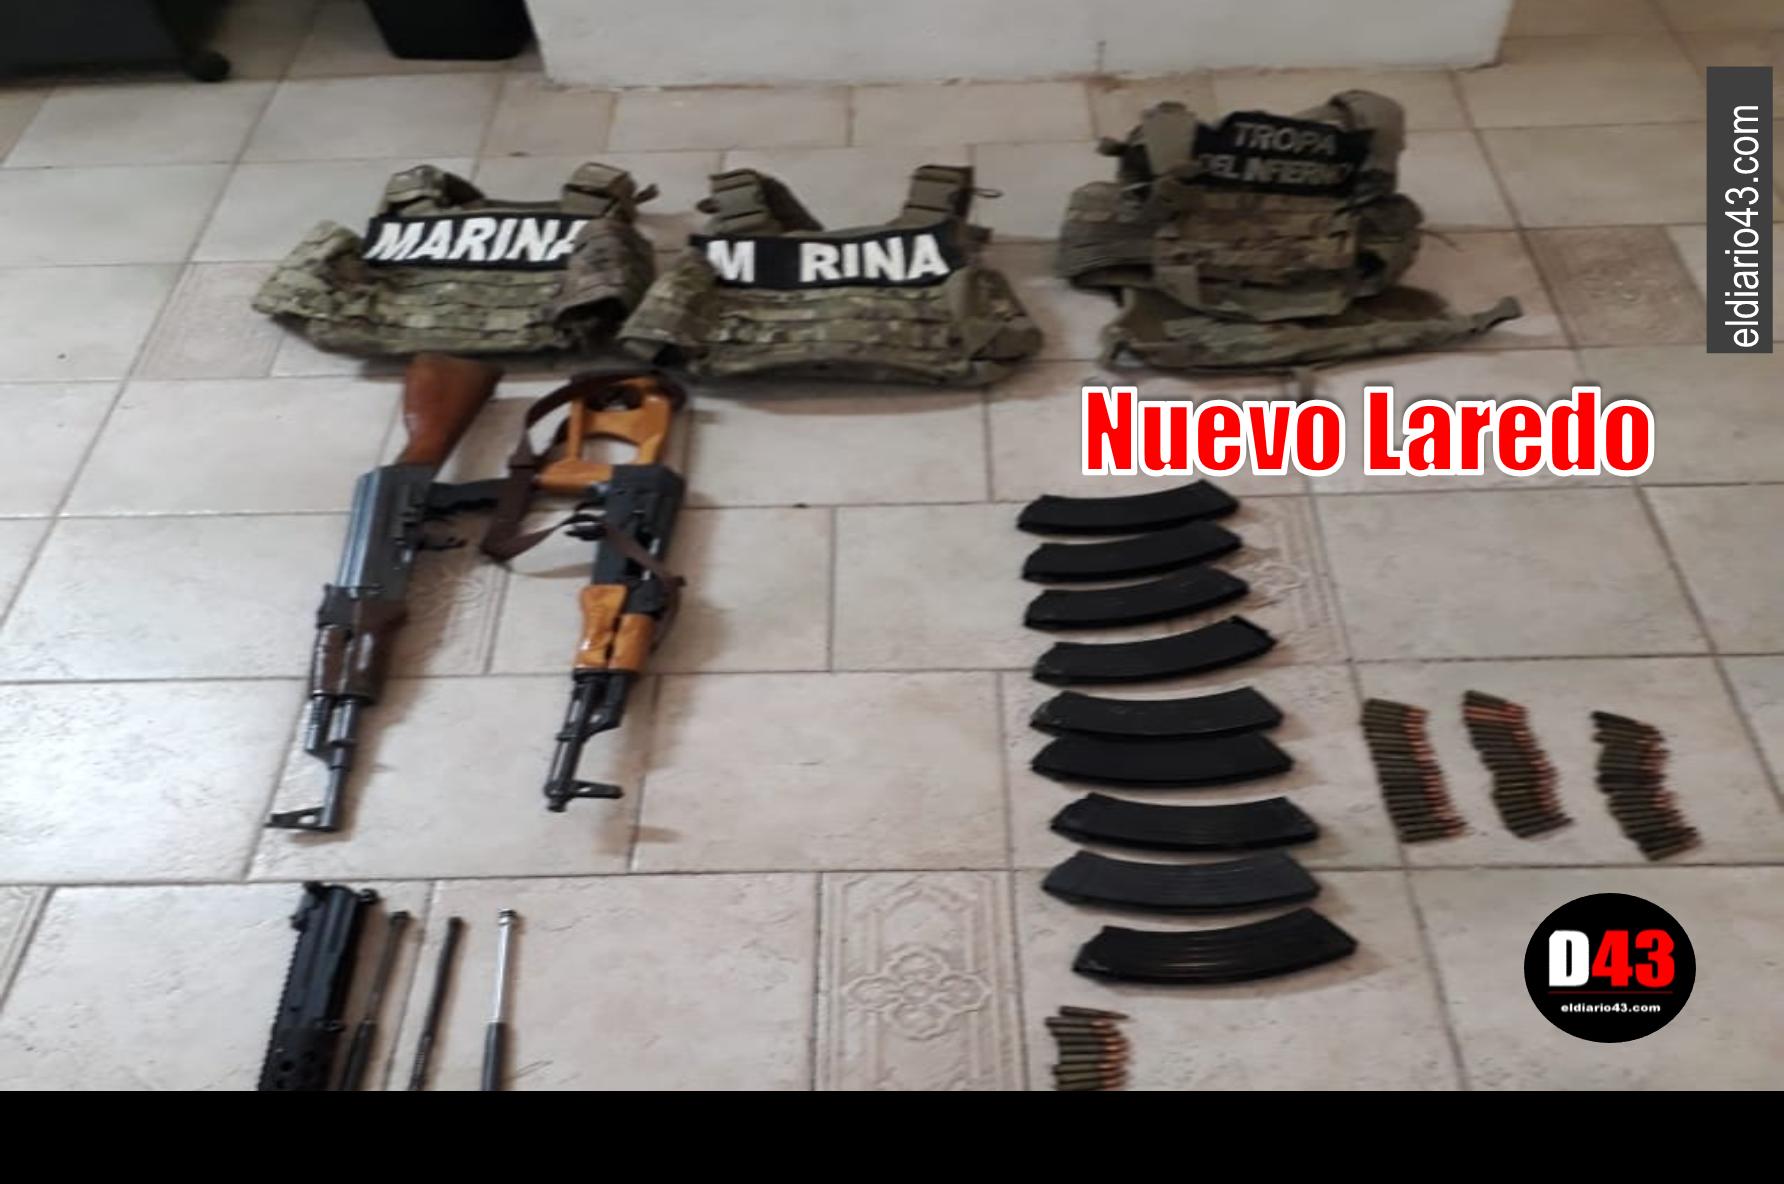 Aseguran armas y equipo táctico en Nuevo Laredo